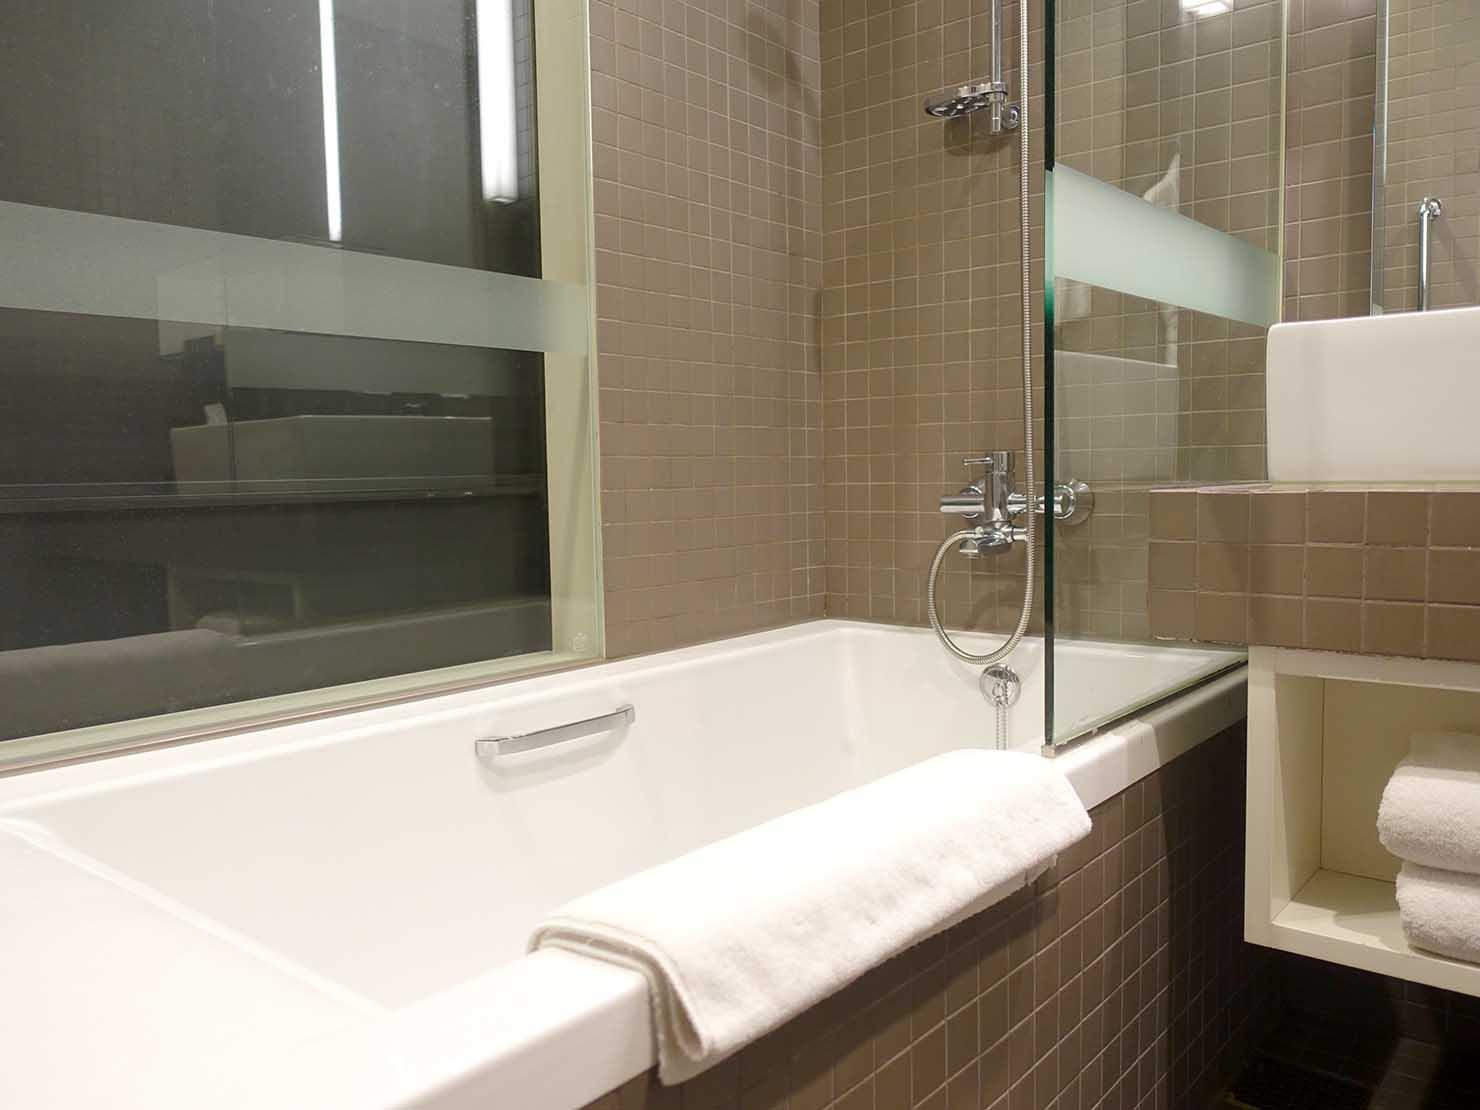 ソウル観光に超便利なアクセス抜群の特2級ホテル「新羅ステイ麻浦 Shilla Stay Mapo」スタンダードツインのバスタブ